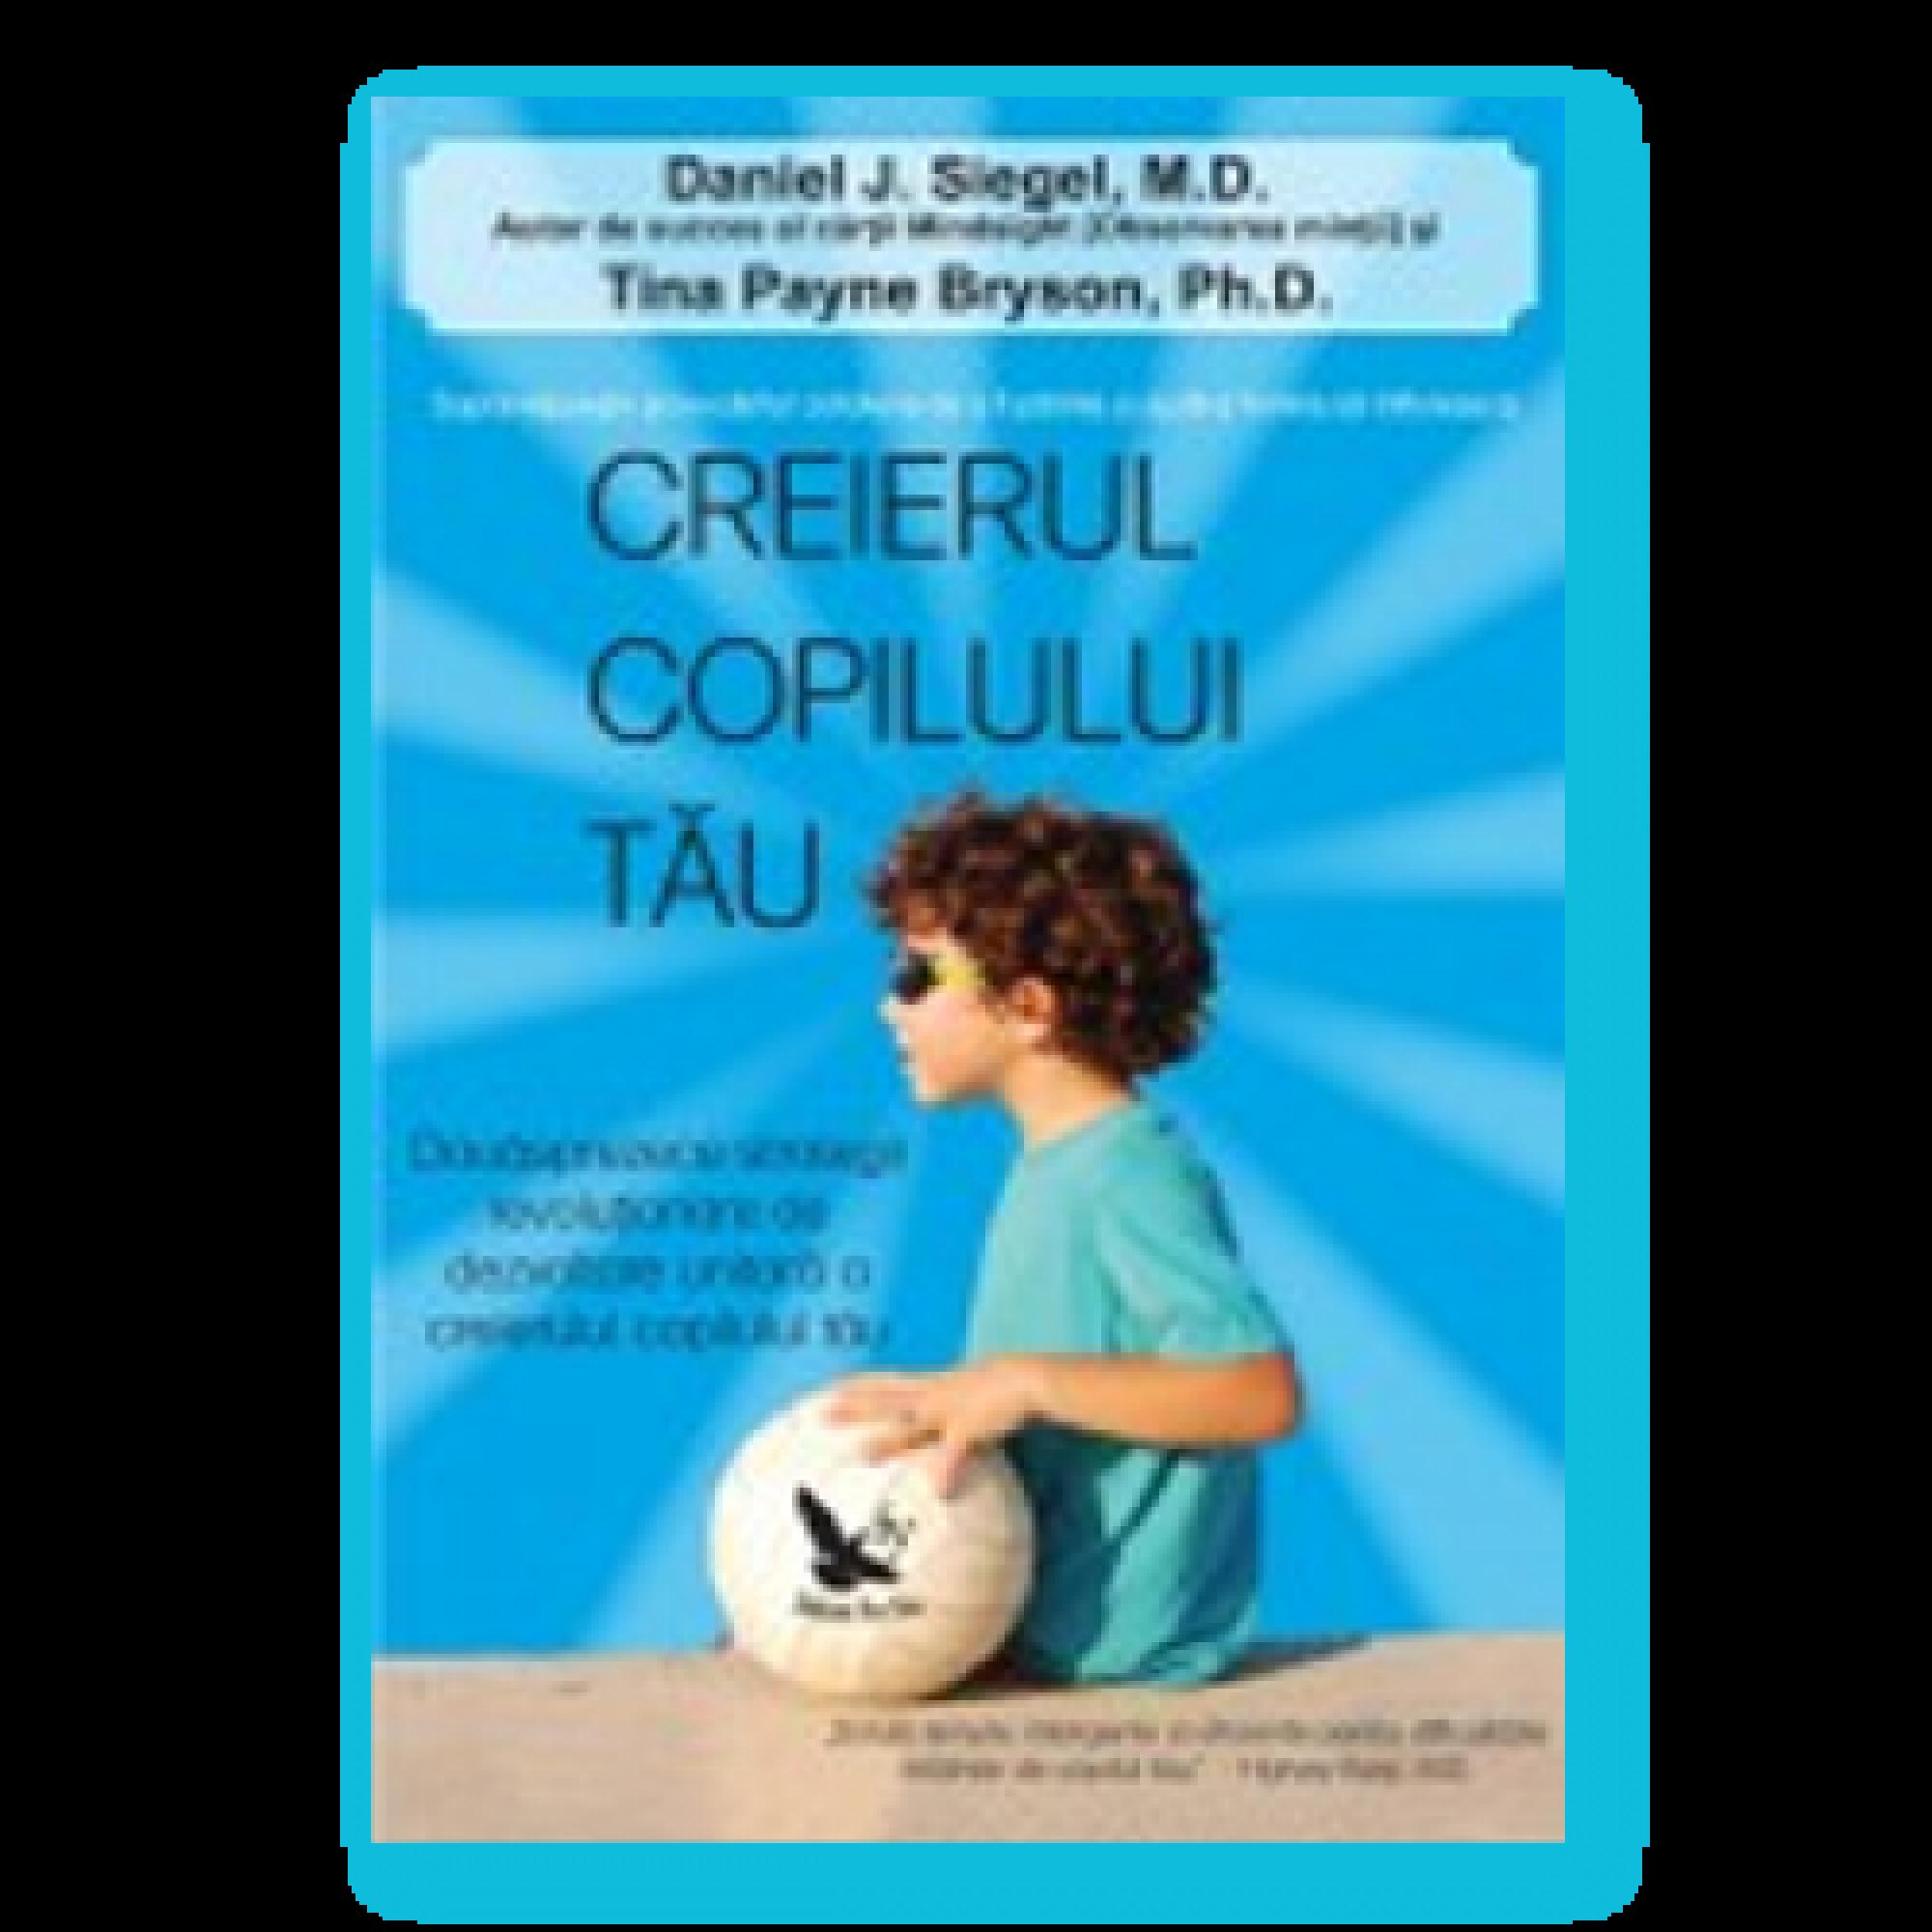 Creierul copilului tău. 12 strategii revoluţionare de dezvoltare unitară a creierului copilului tău; Daniel J. Siegel